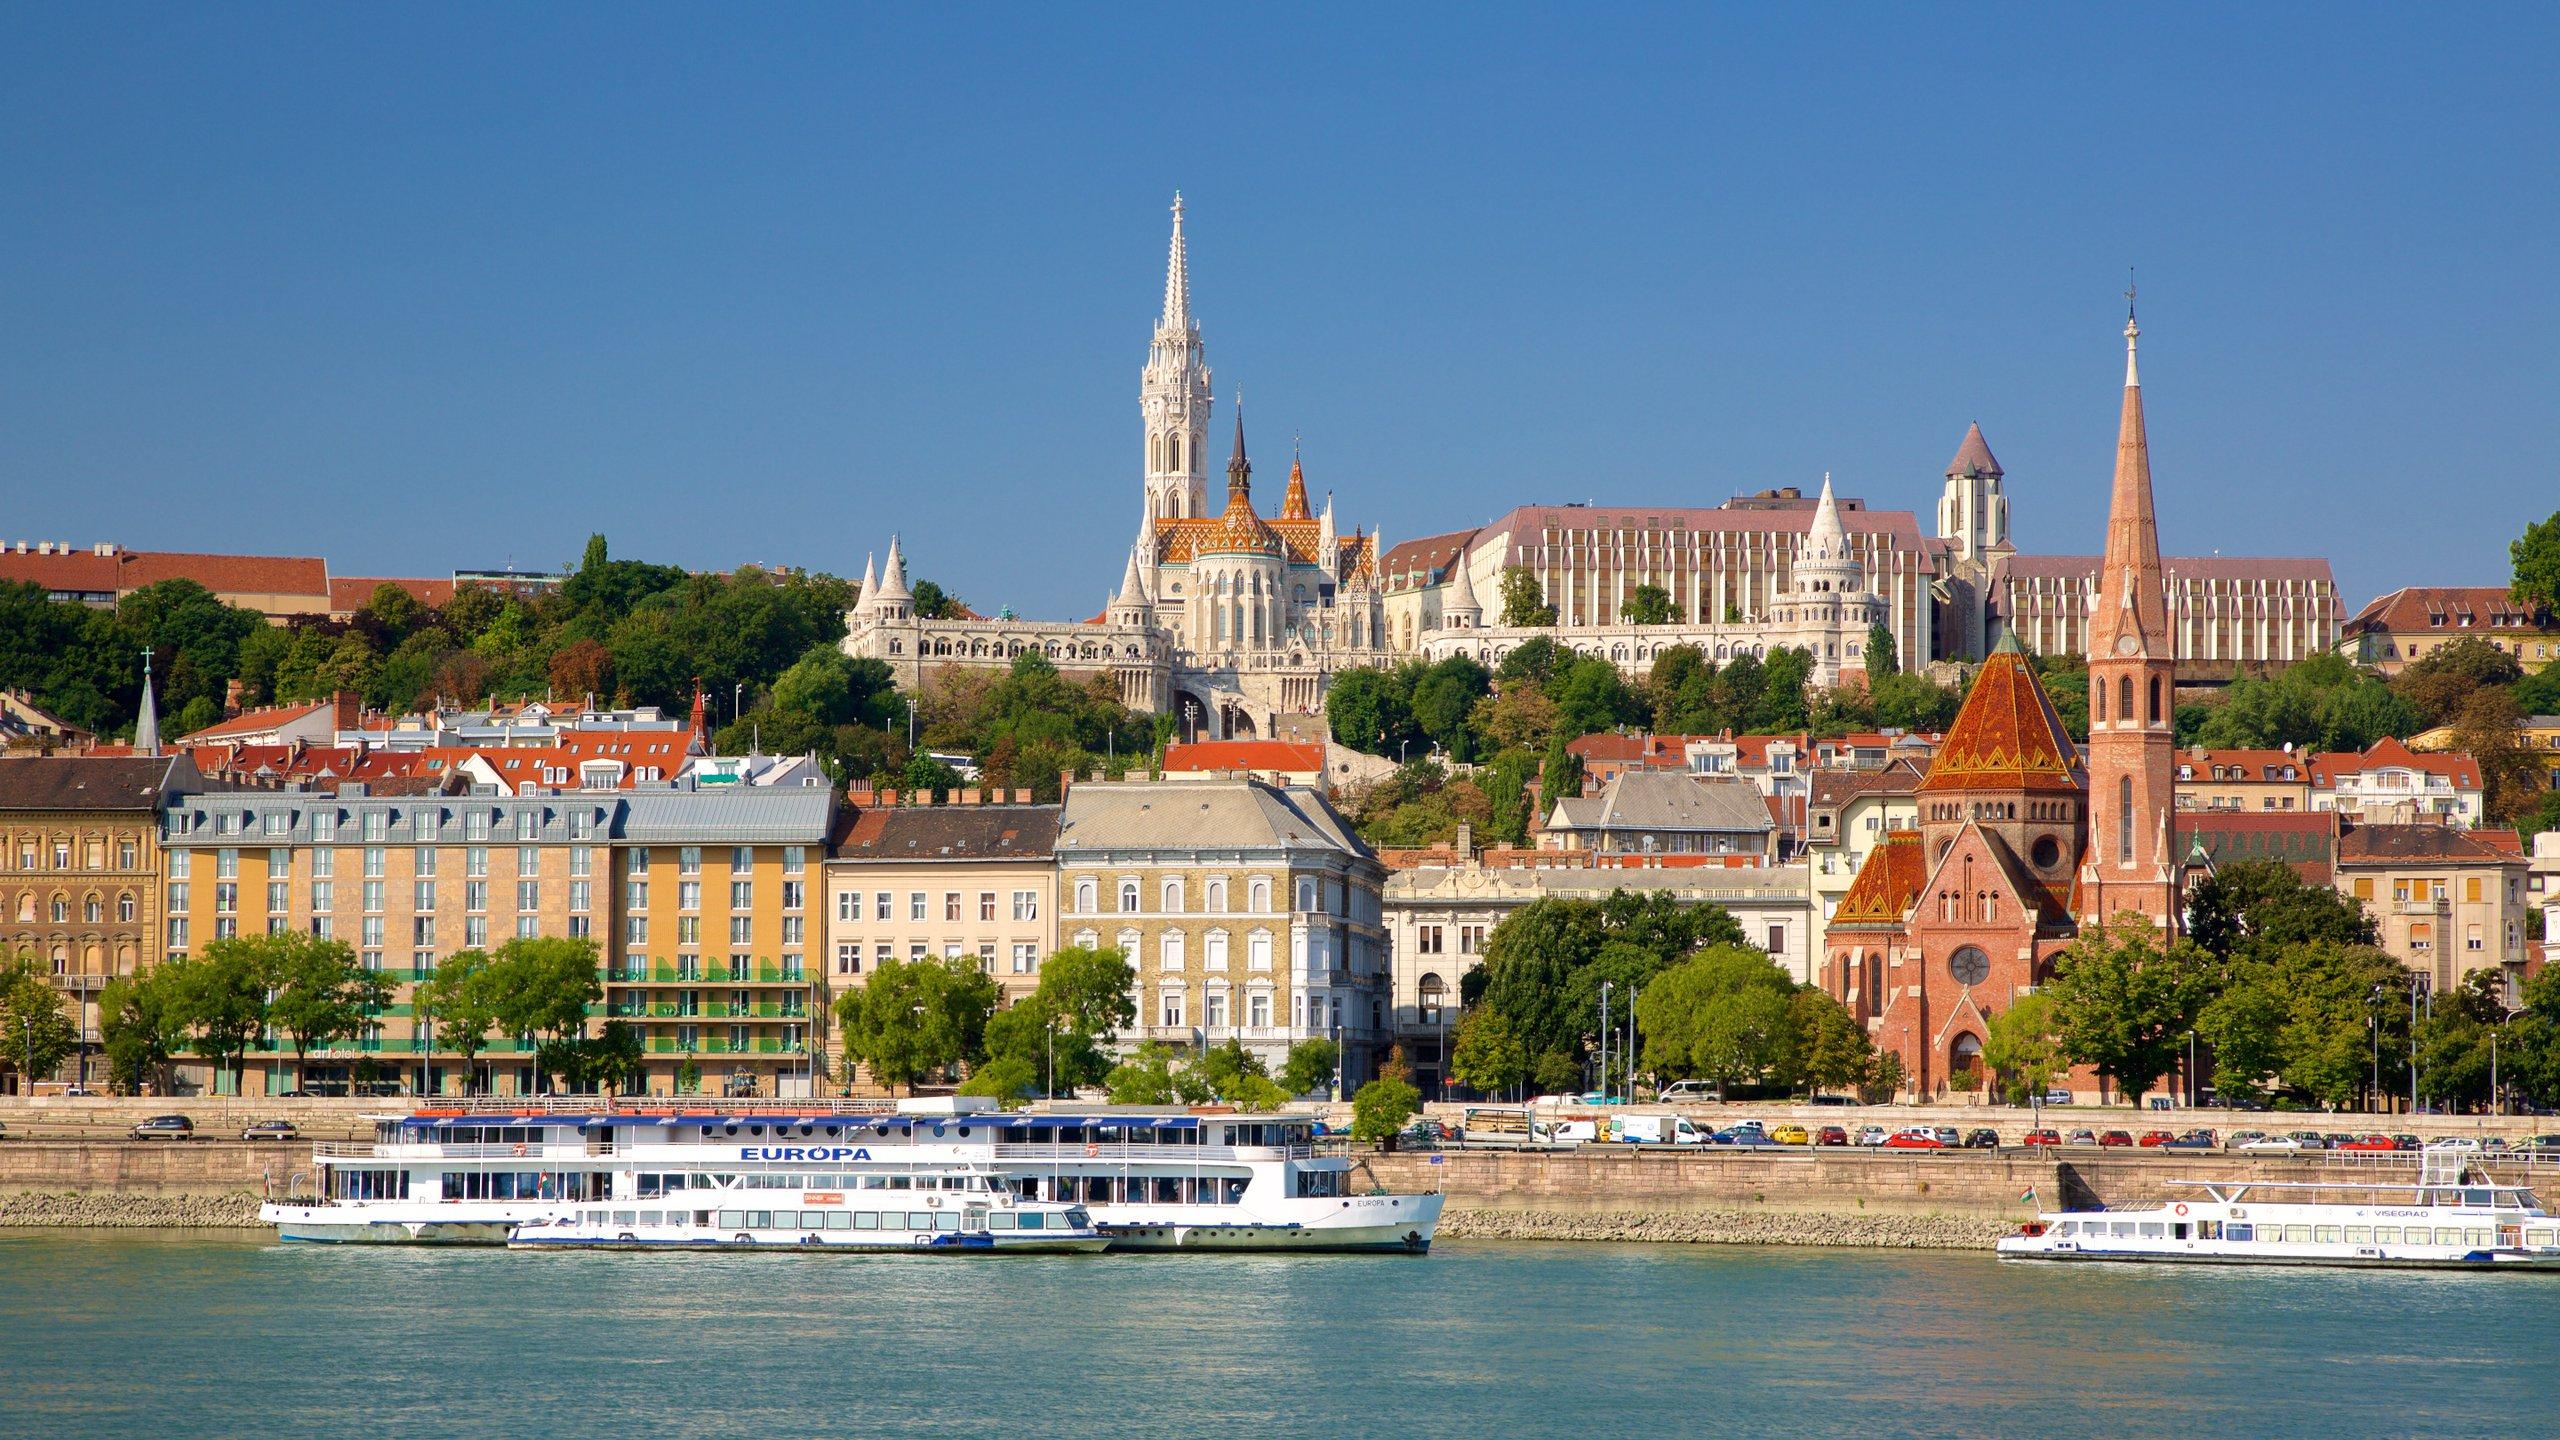 Geniet vanaf dit fascinerende neogotische bordes boven op de Burchtheuvel van geweldige uitzichten over de Donau en het oostelijk deel van Budapest.